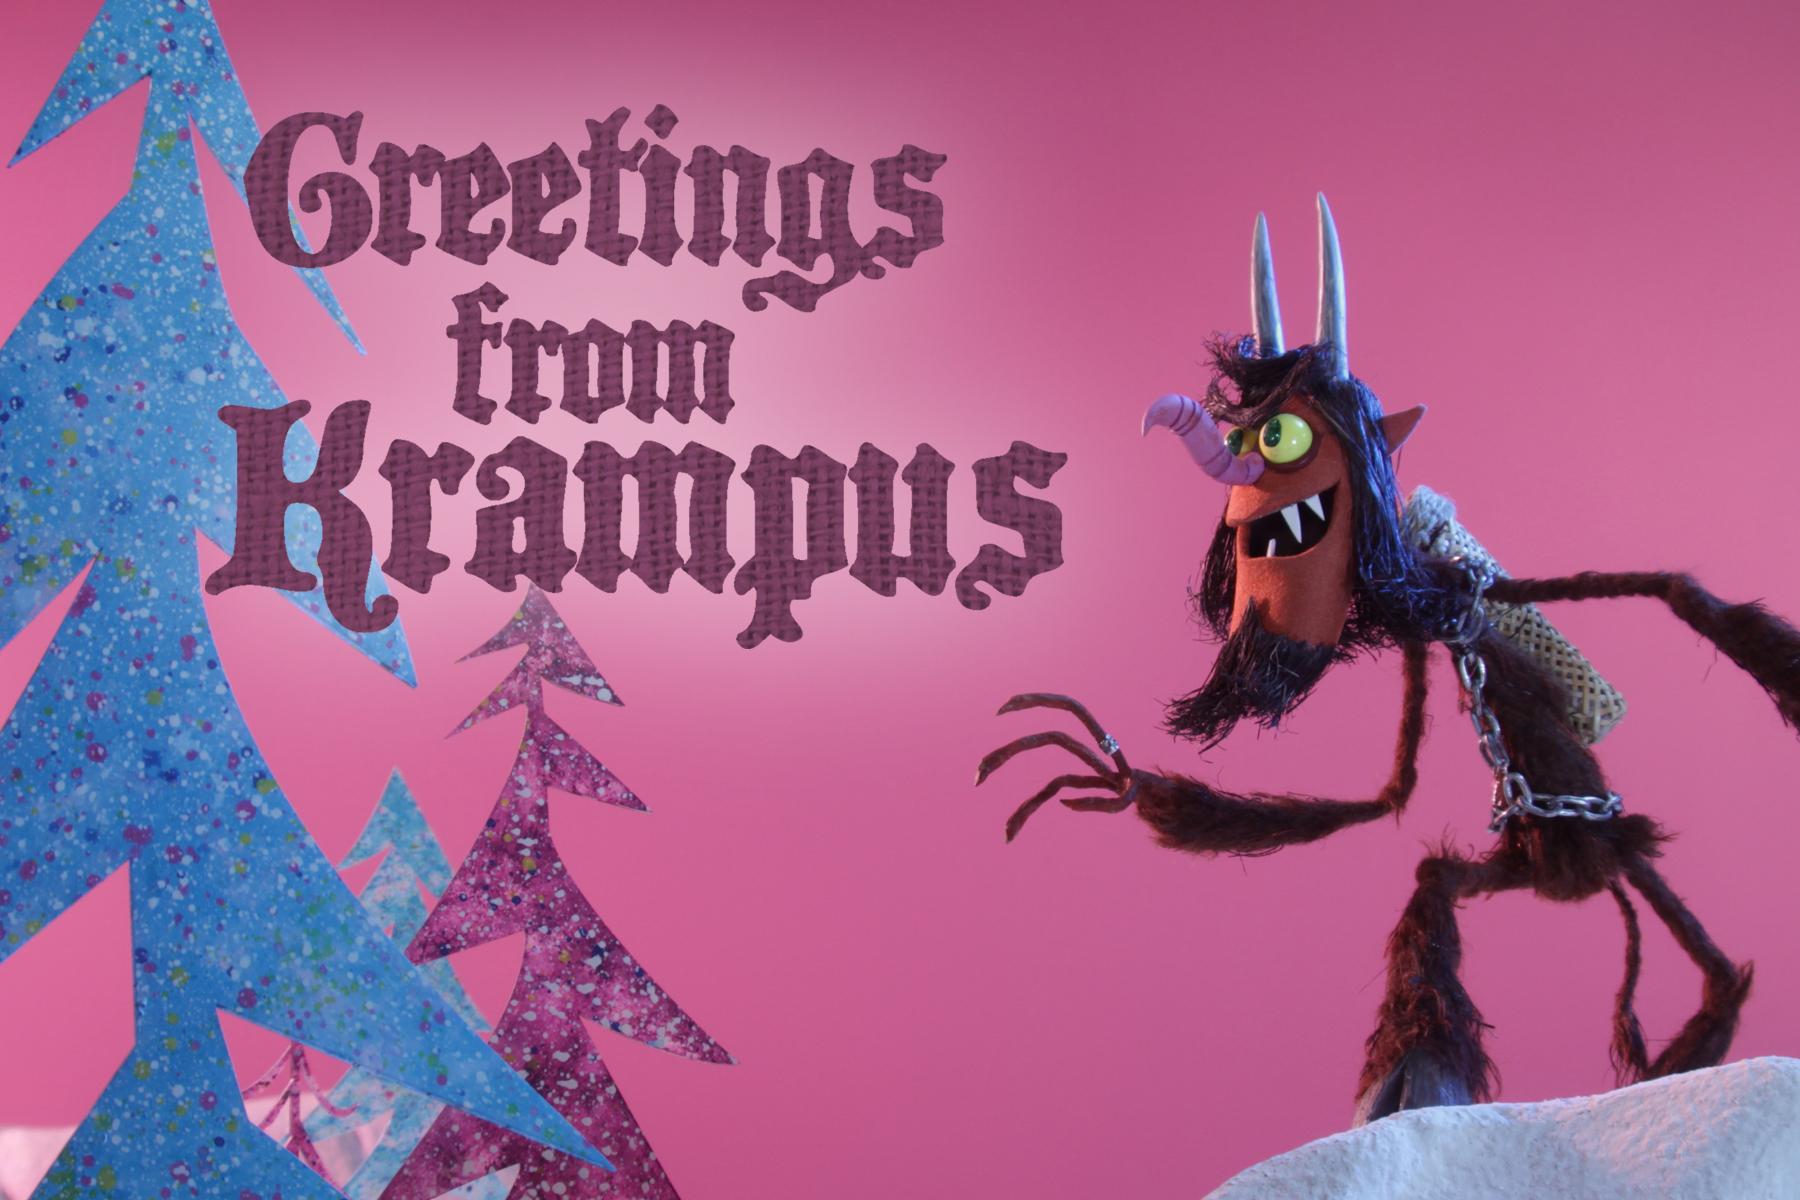 Krampus Image 01.jpg